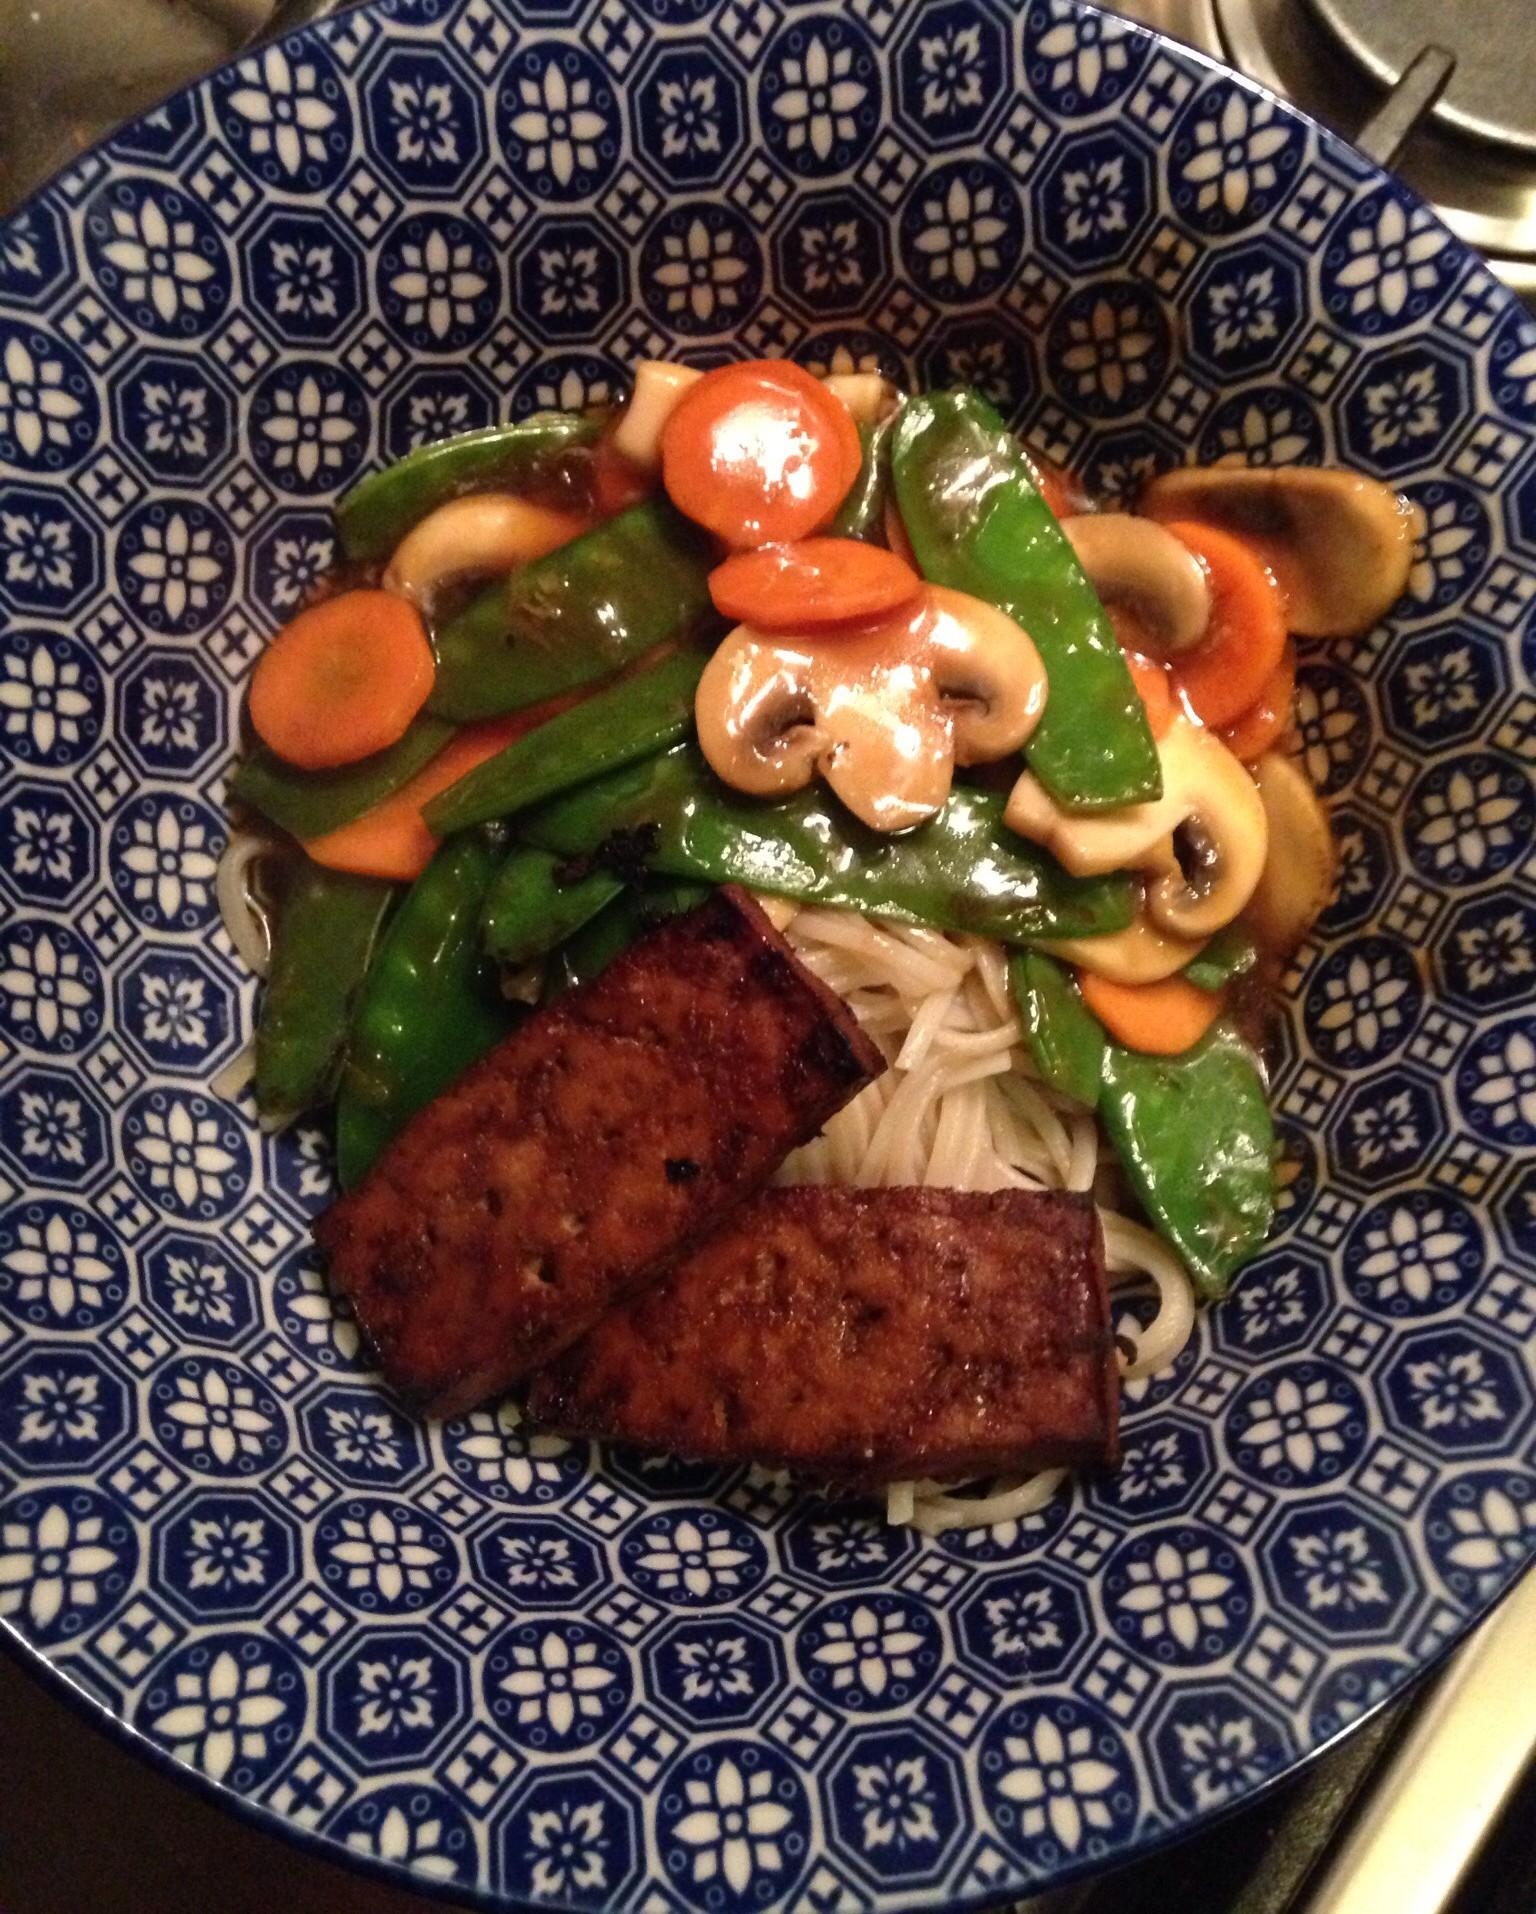 Tofu The Vegetable Chopper